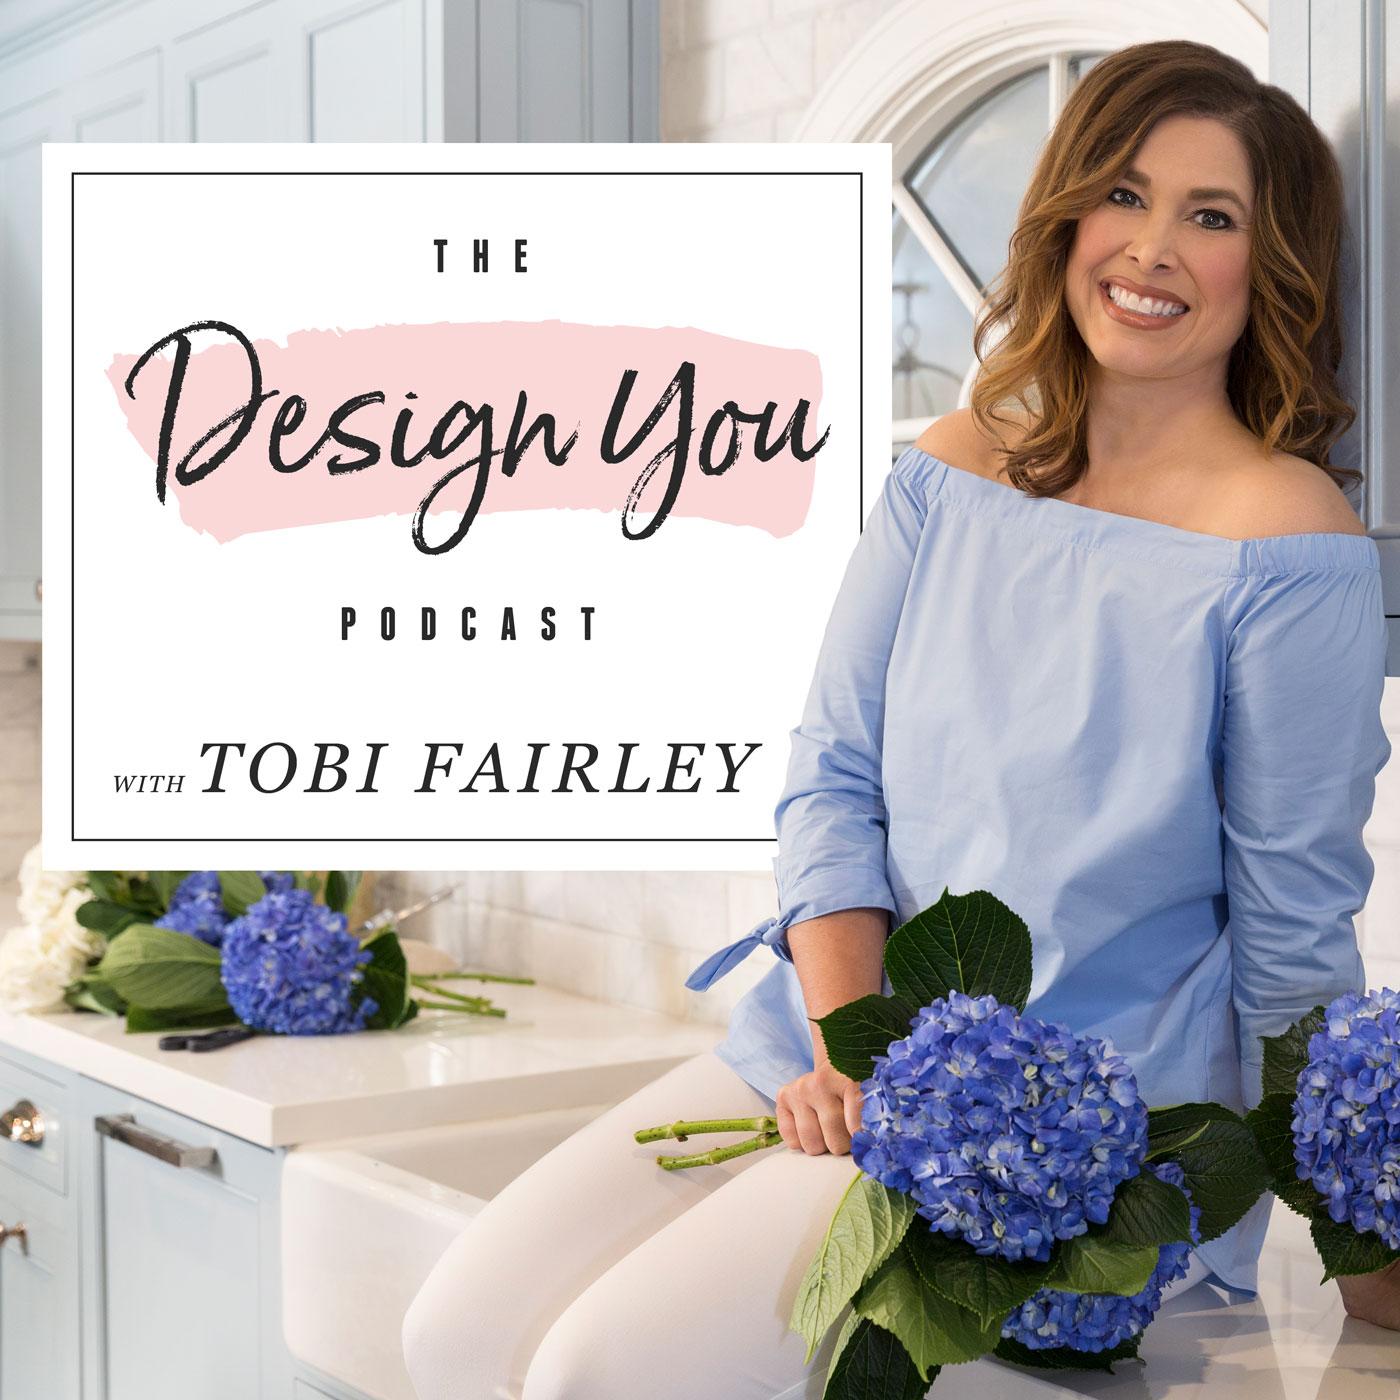 The Design You Podcast show art